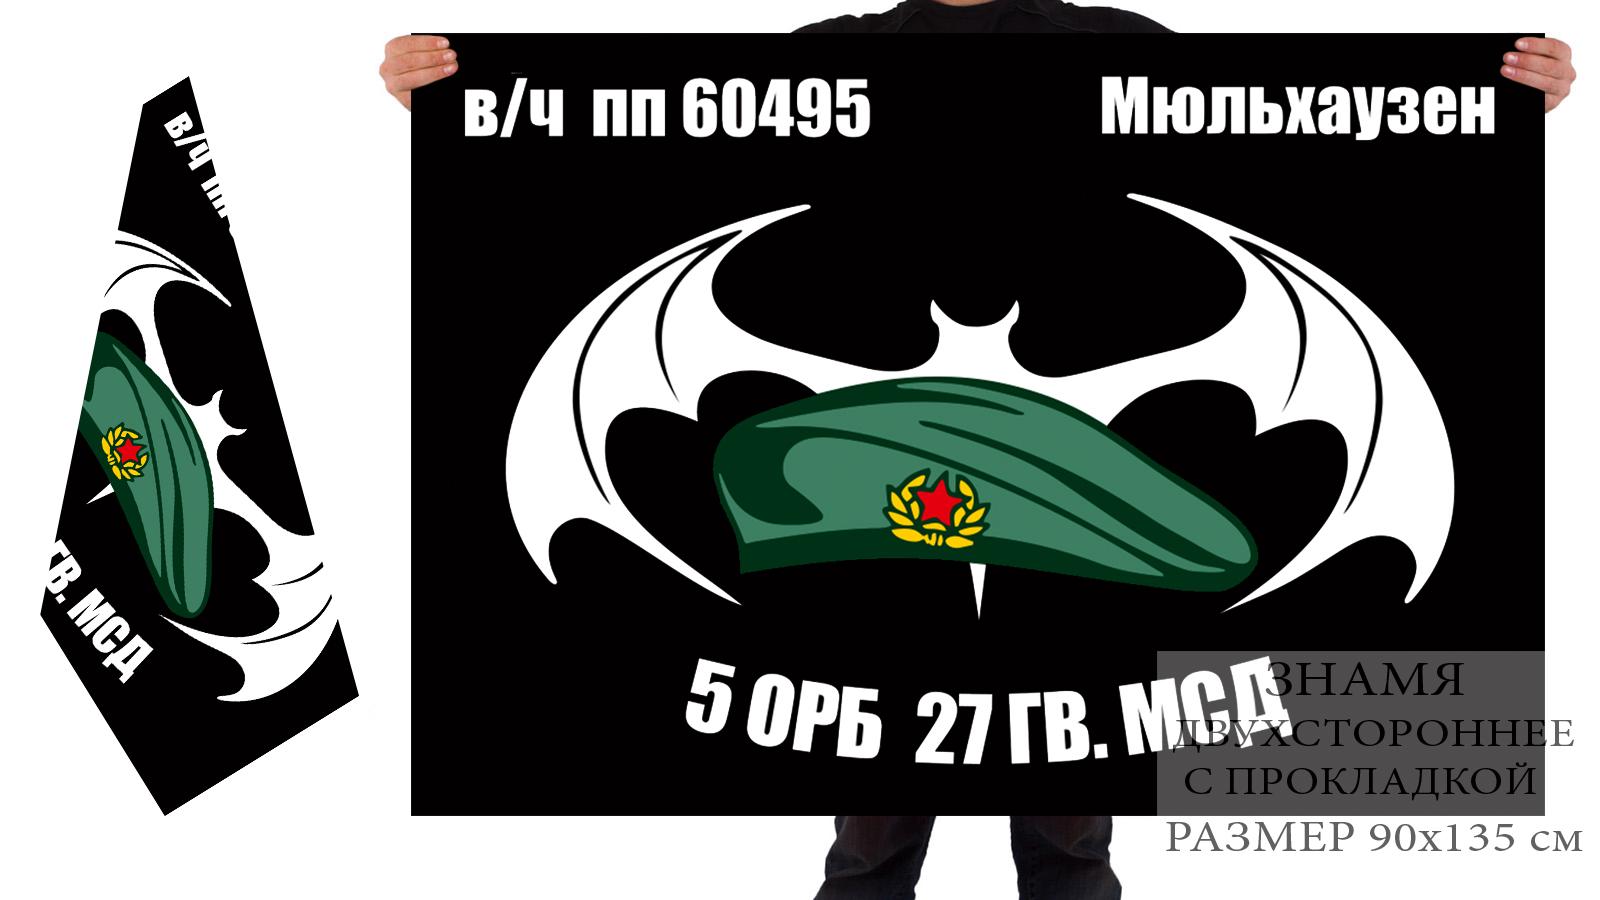 Двусторонний флаг 5 ОРБ 27 Гв. МСД